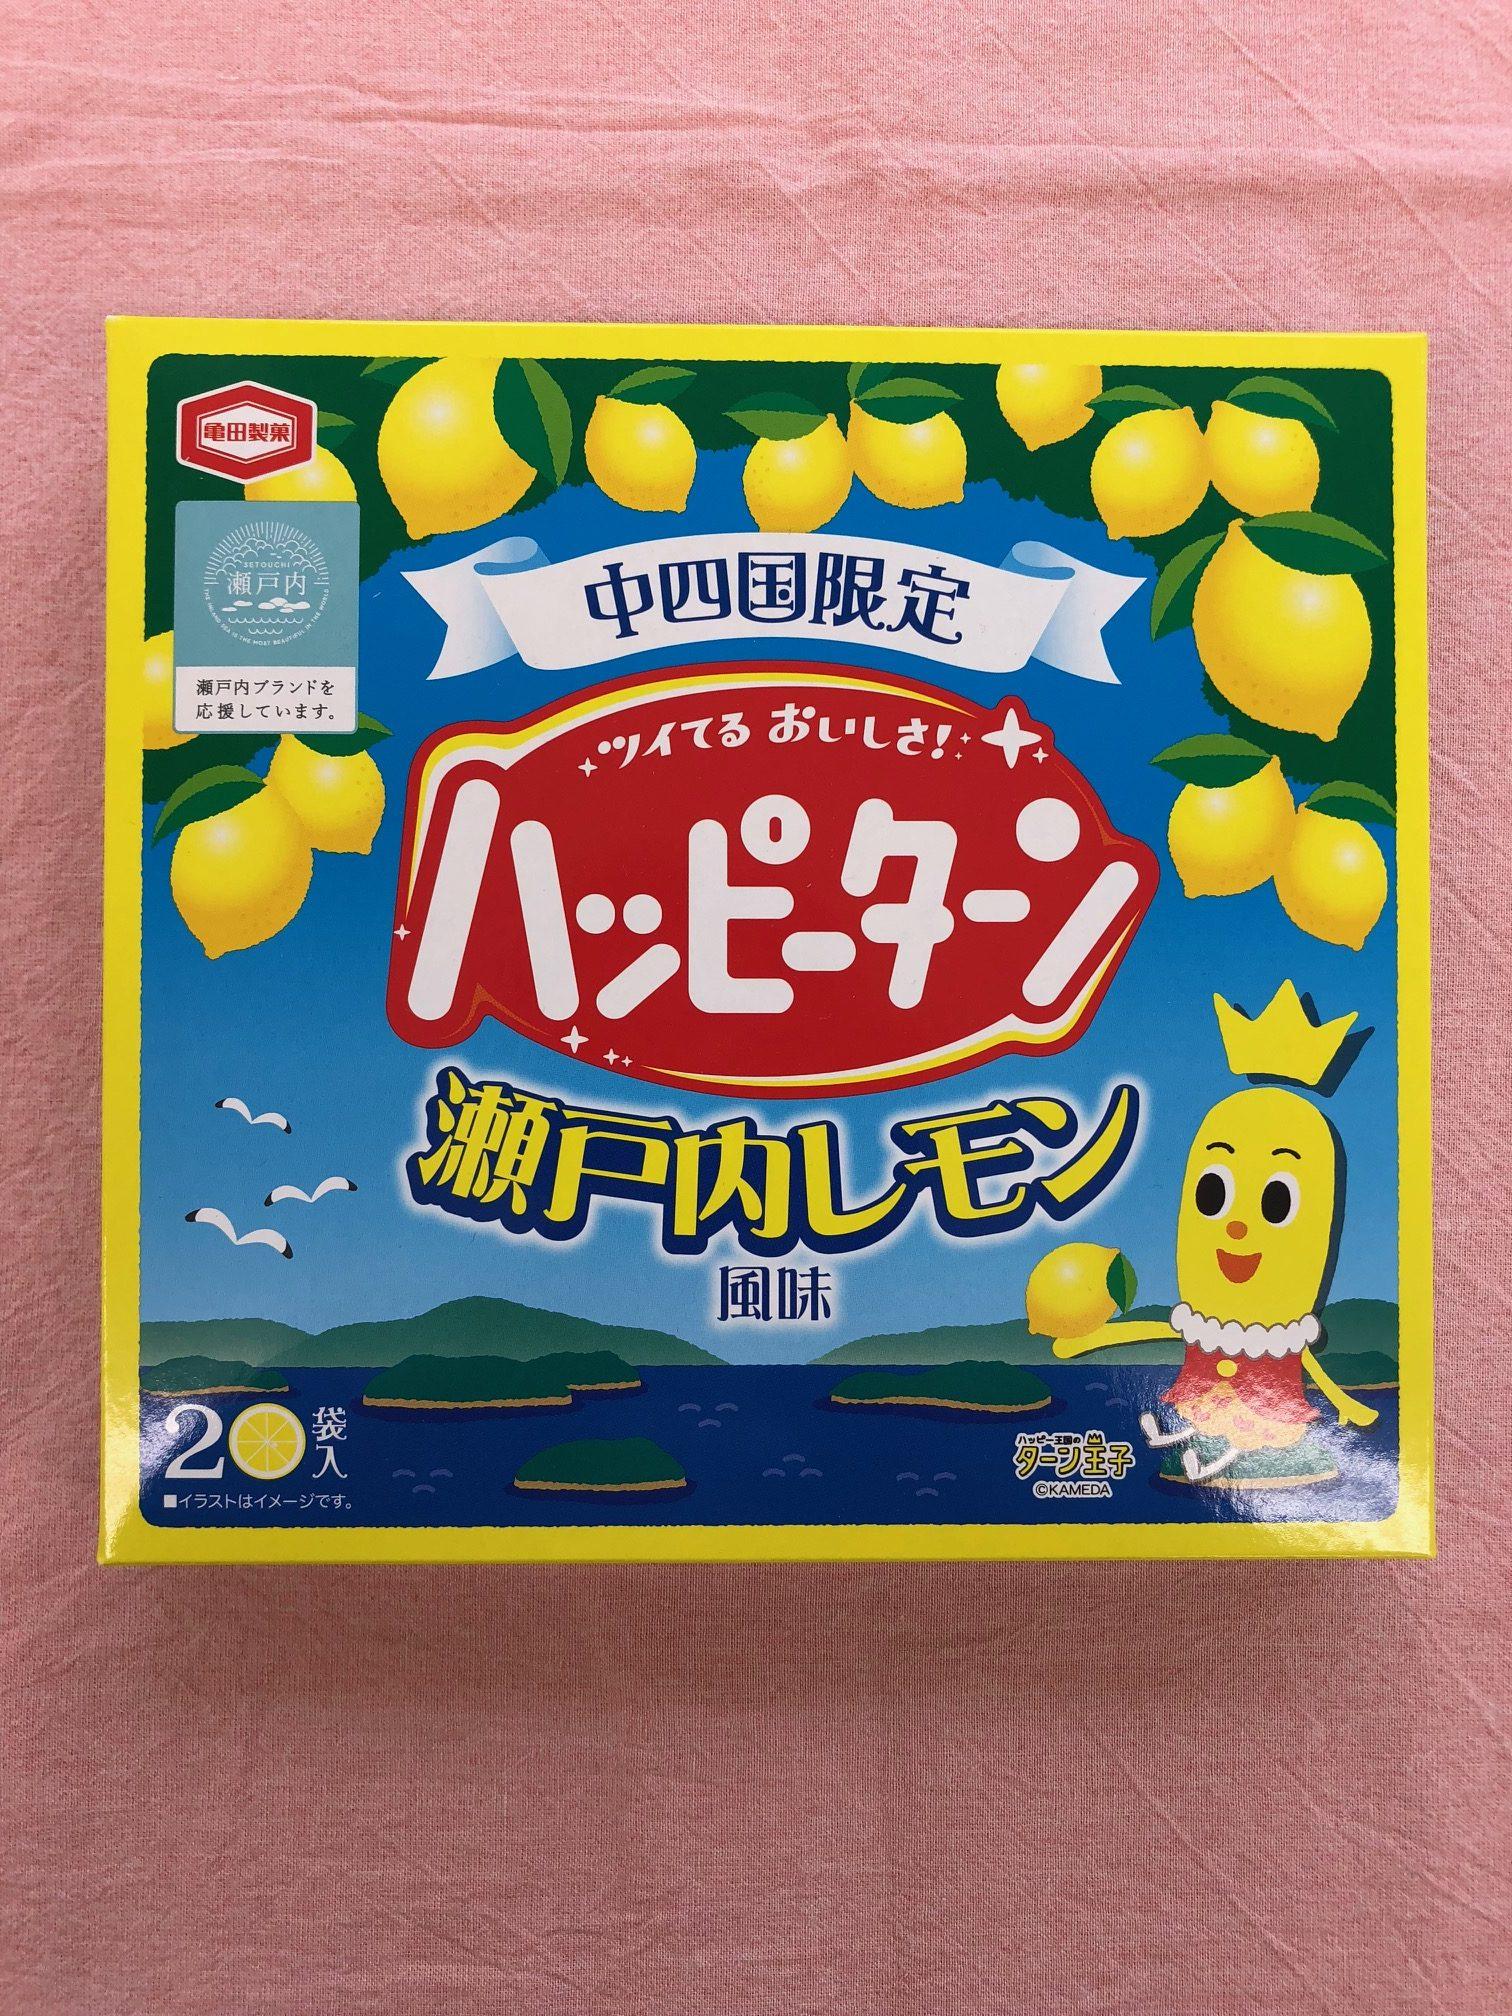 ハッピーターン 瀬戸内レモン